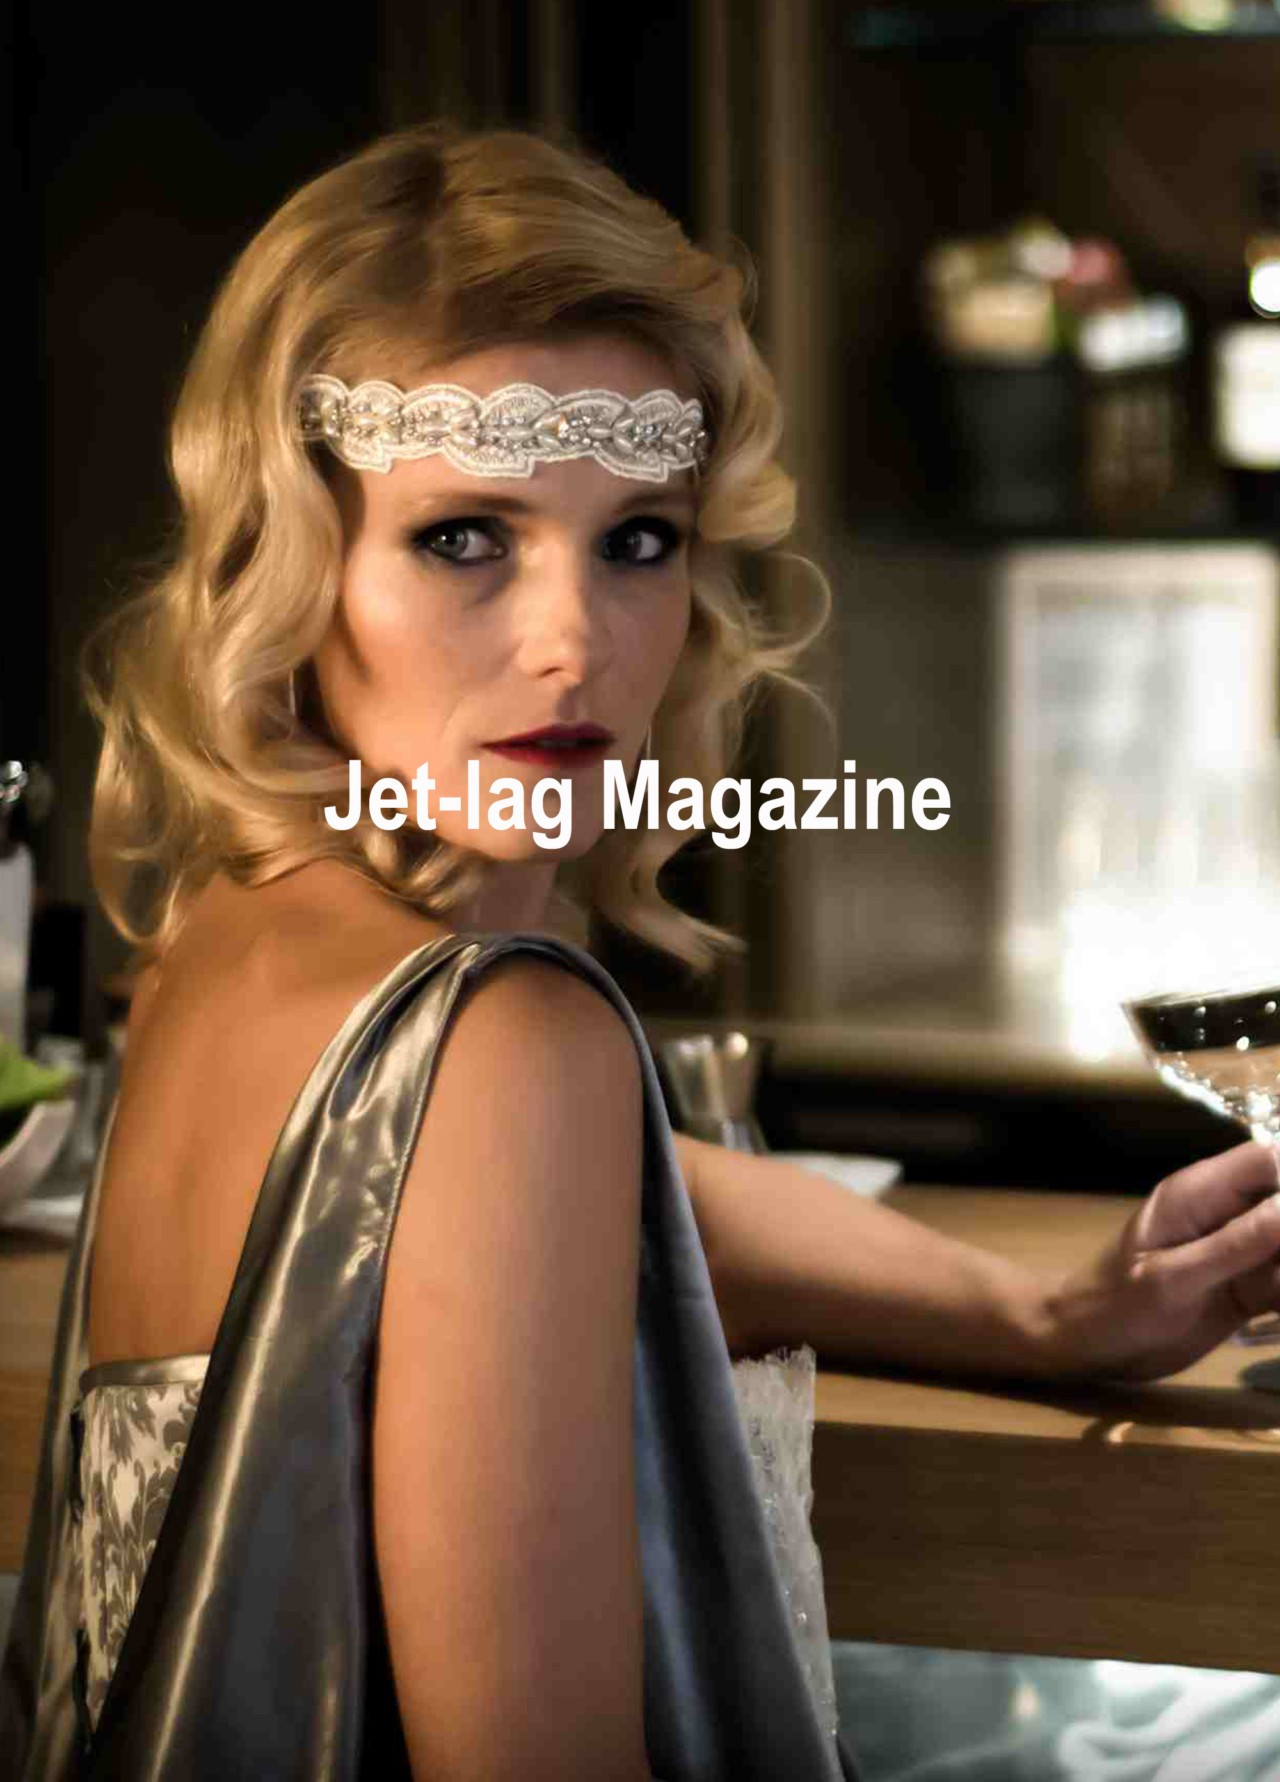 Jet-lag Magazine n°3